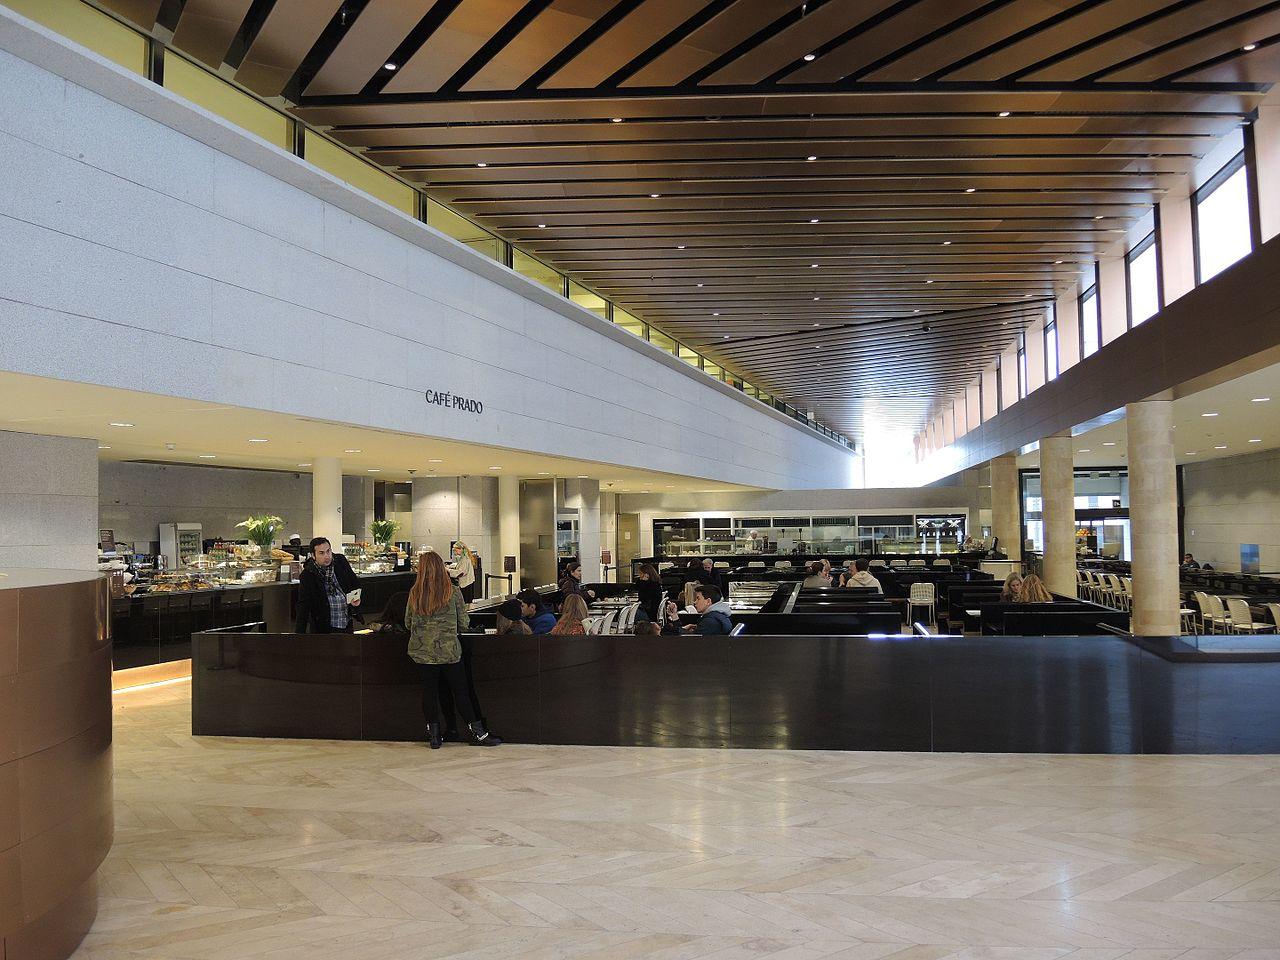 พิพิธภัณฑ์ปราโด-ร้านอาหารในพิพิธภัณฑ์